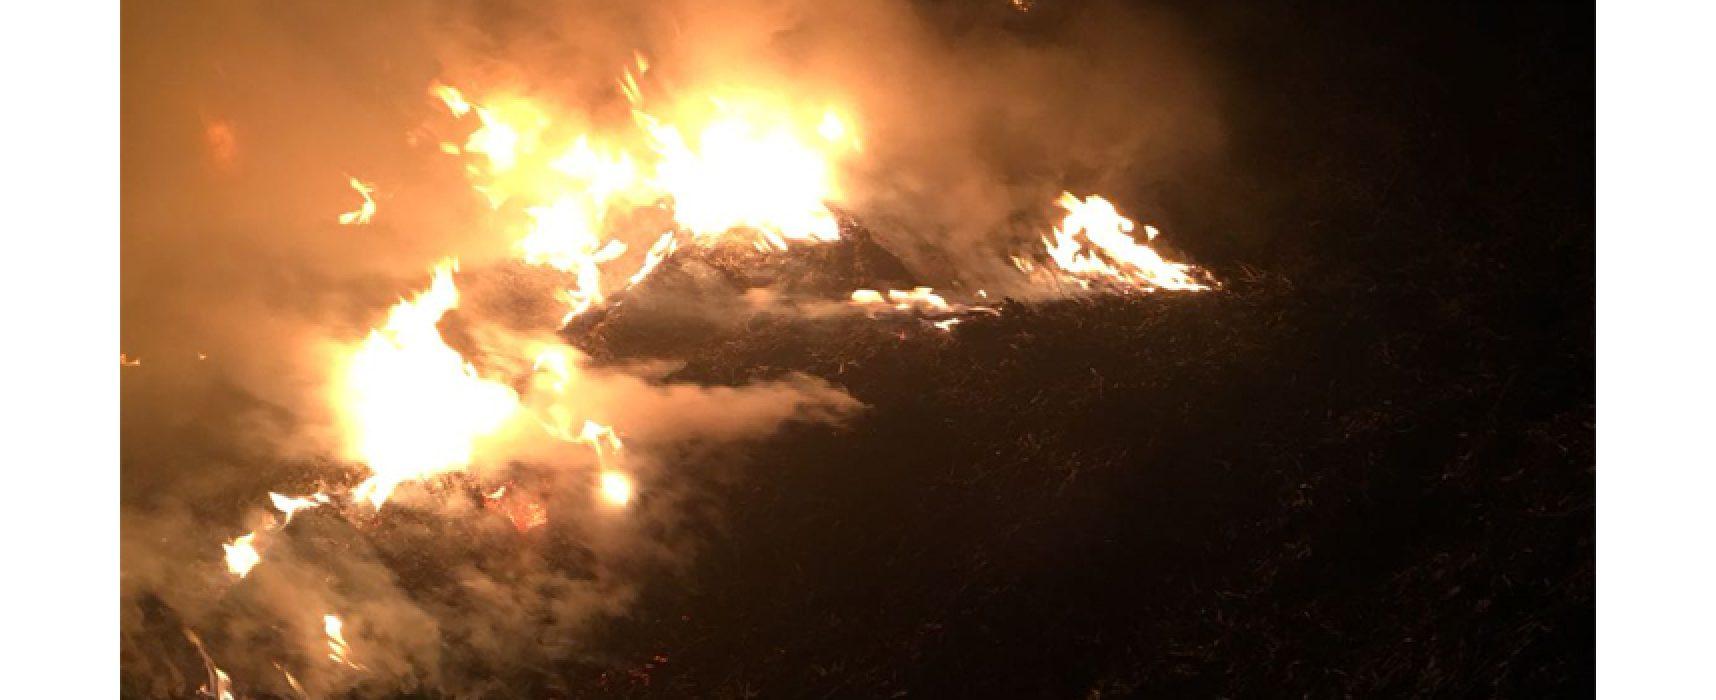 Incendio in via Andria, fumo si propaga in diverse zone della città / FOTO